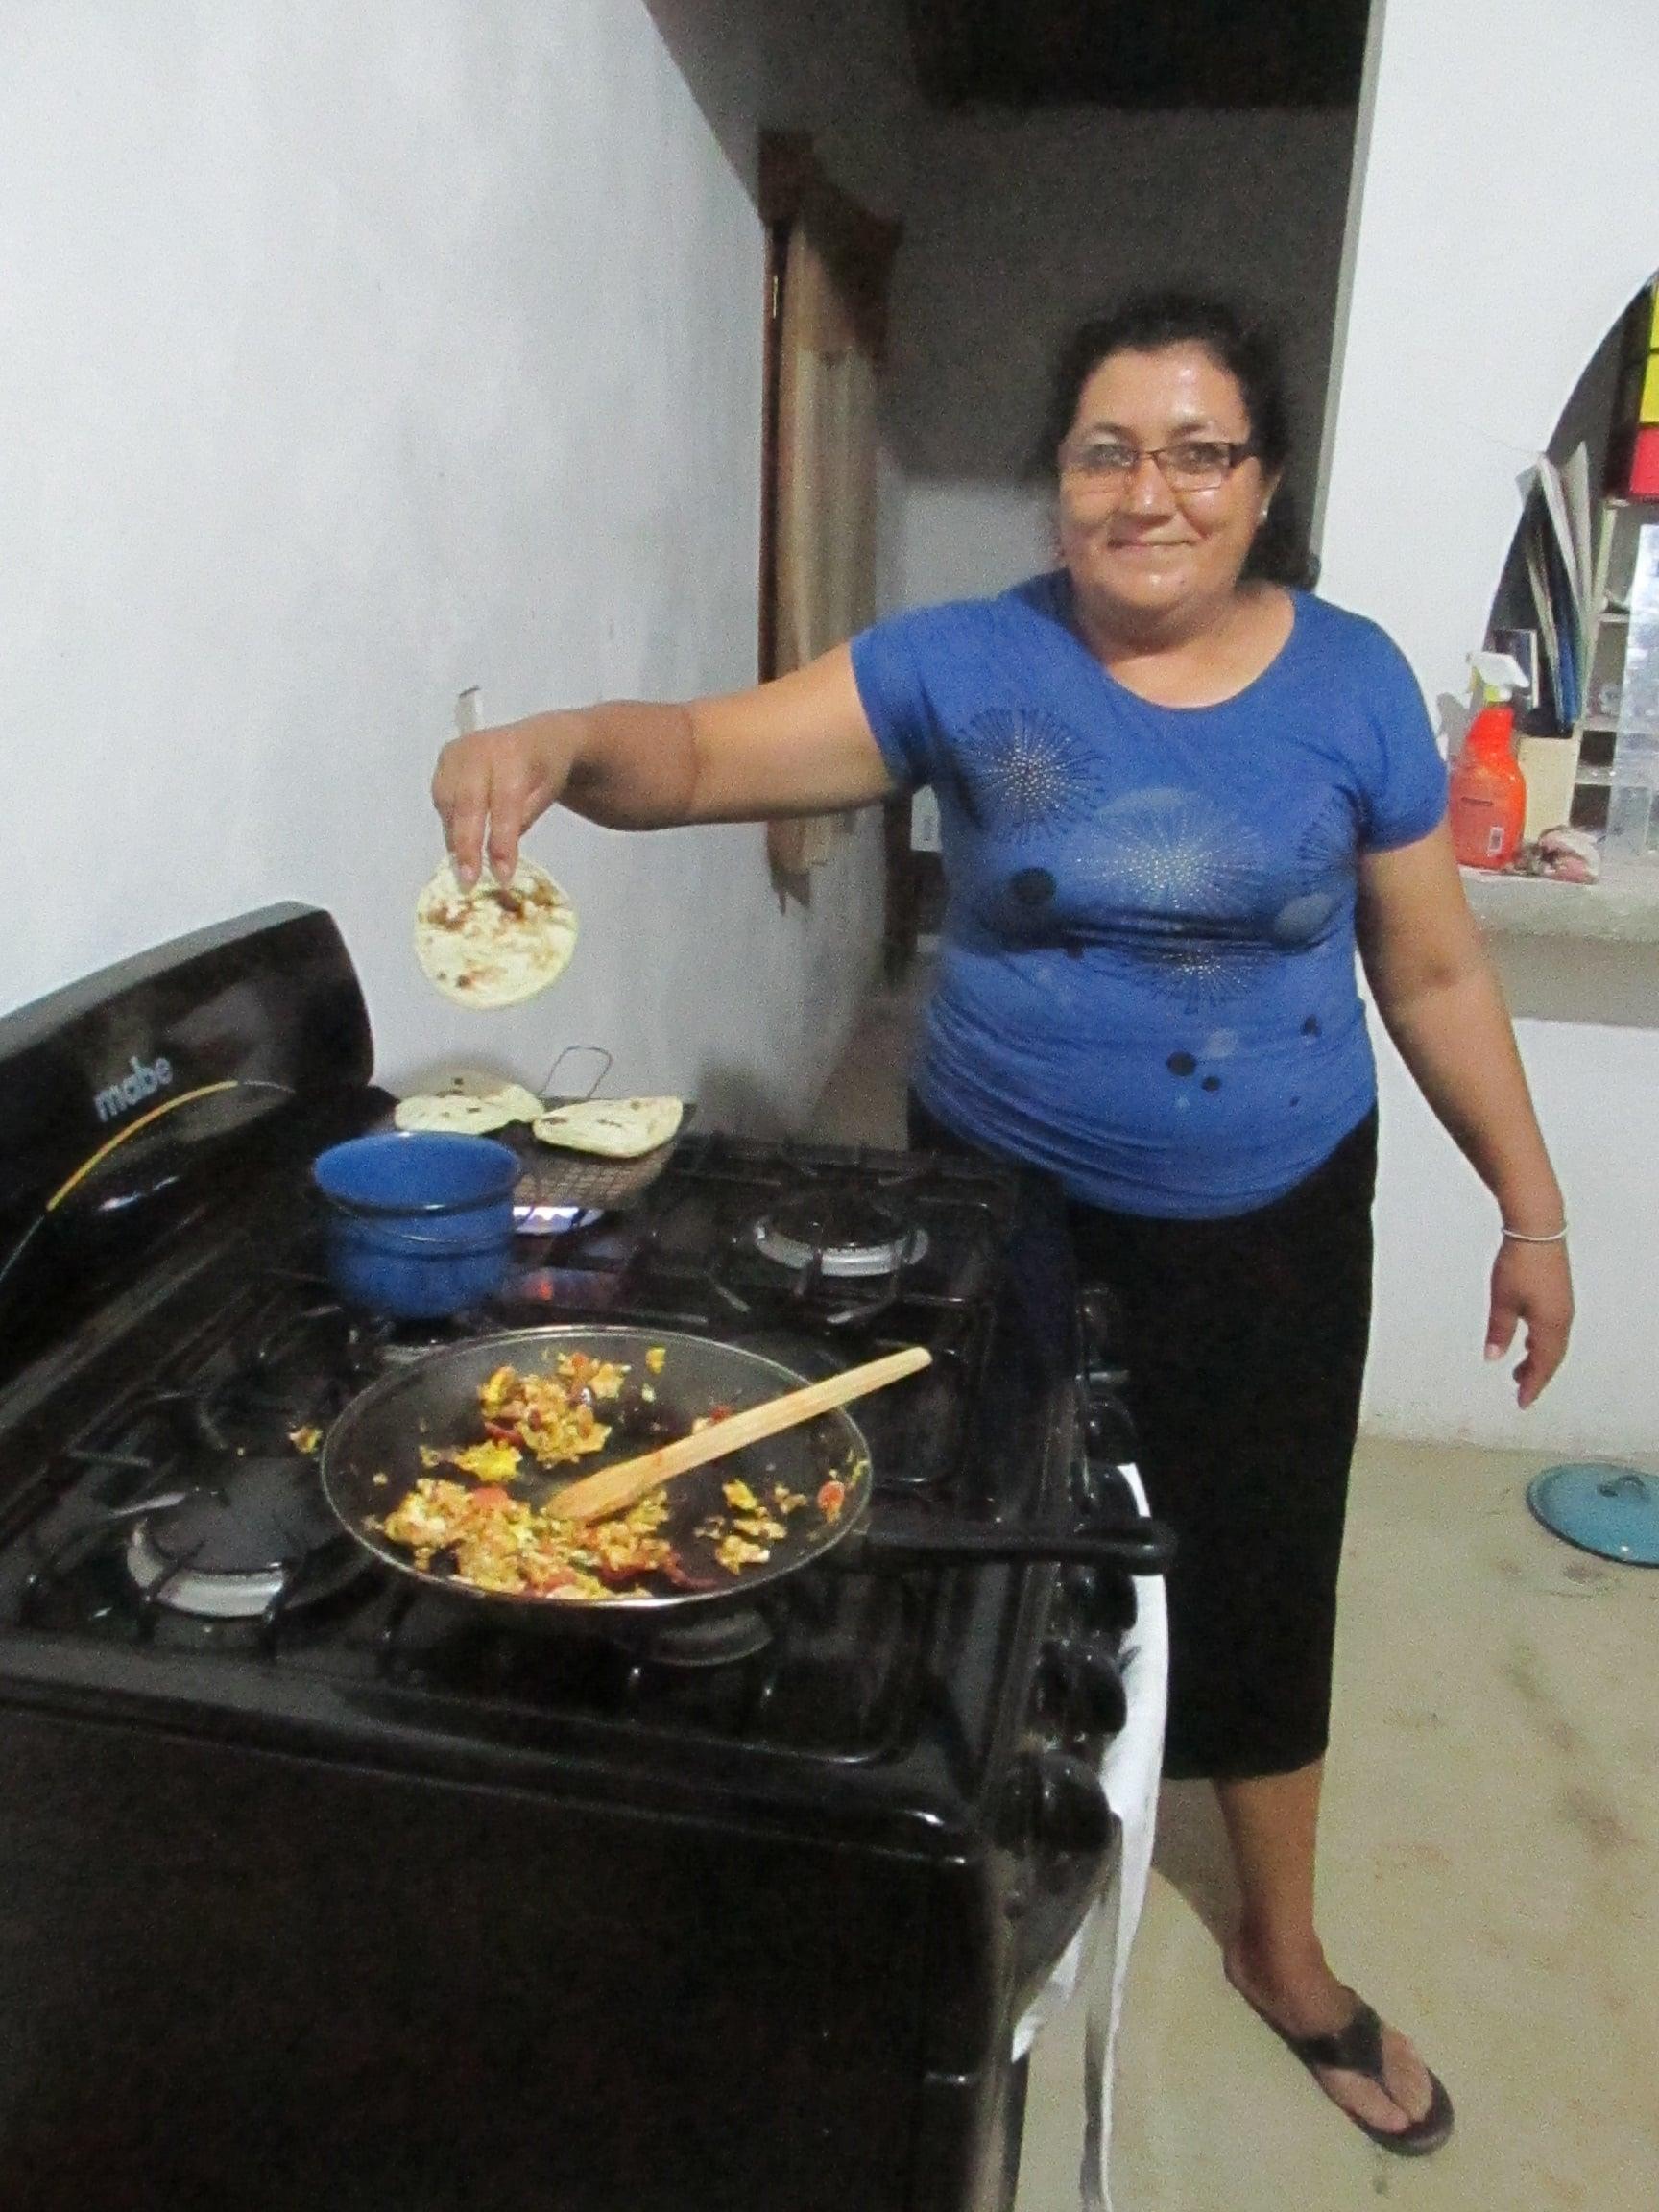 Mireira shows off her delicious corn tortillas.